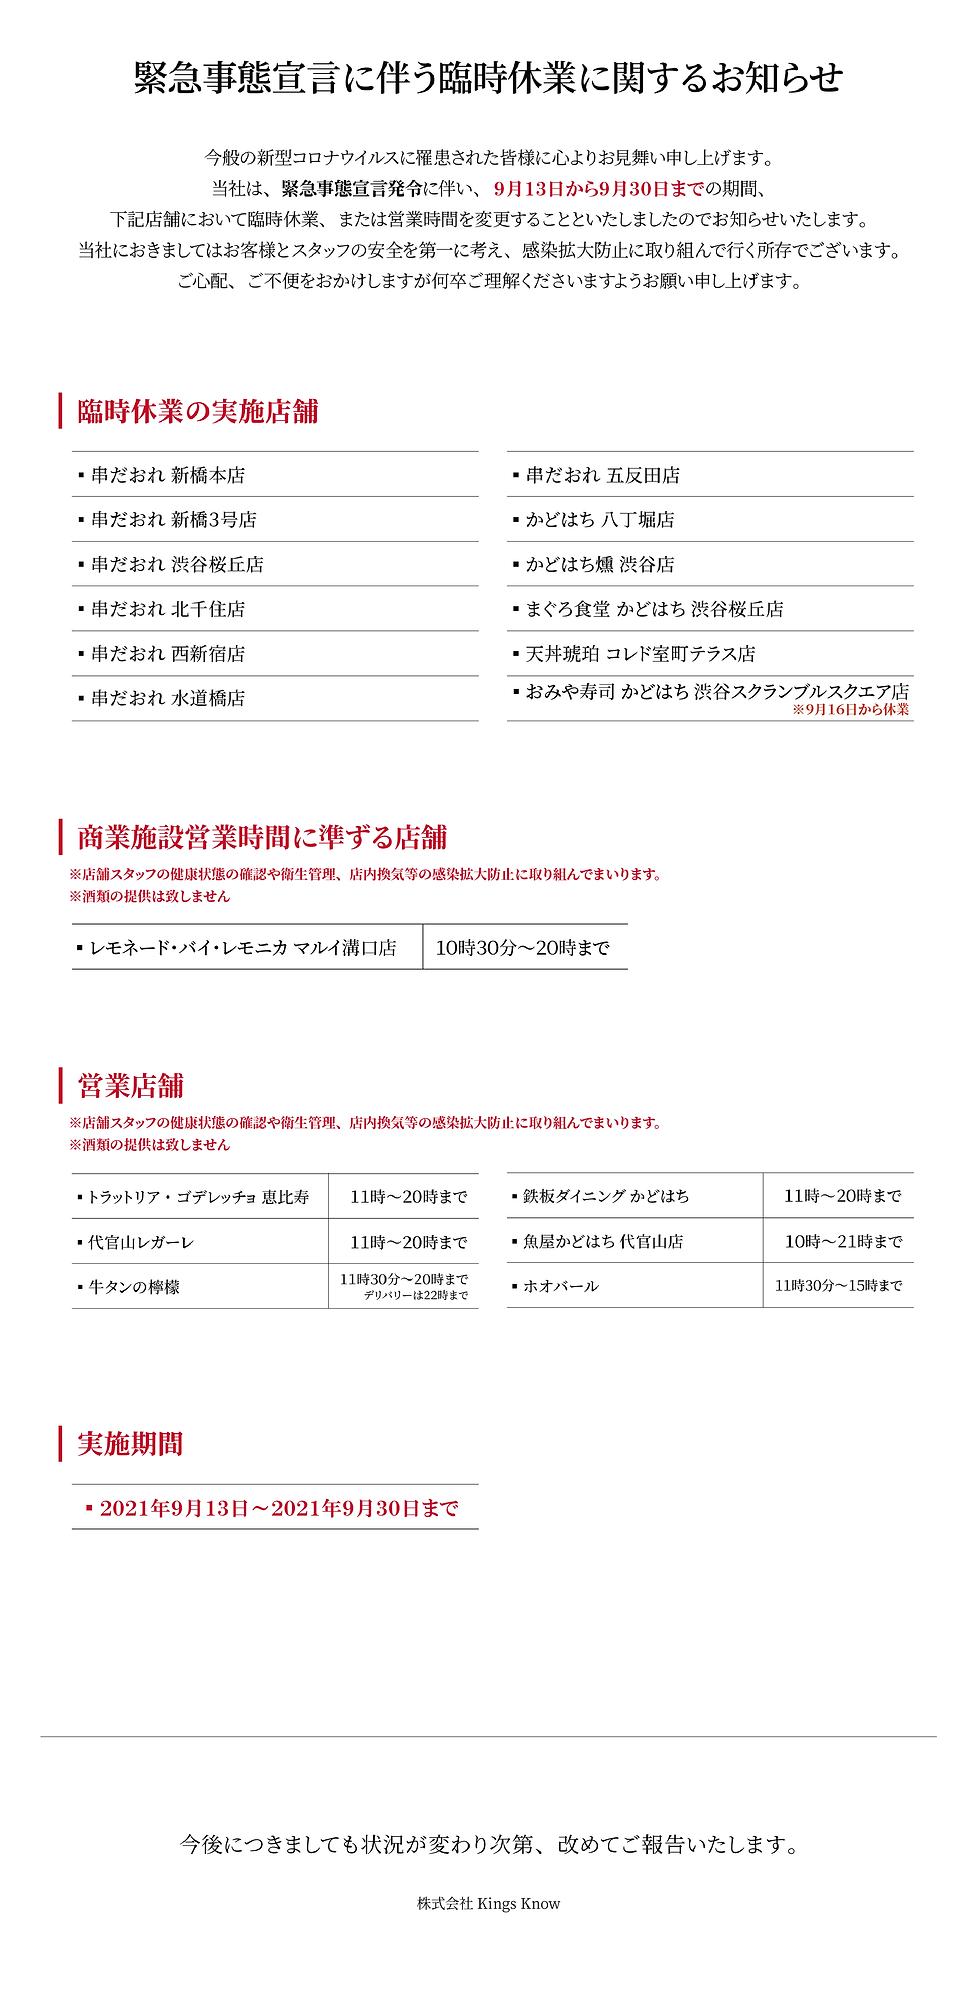 休業等のお知らせ_913-930-01.png